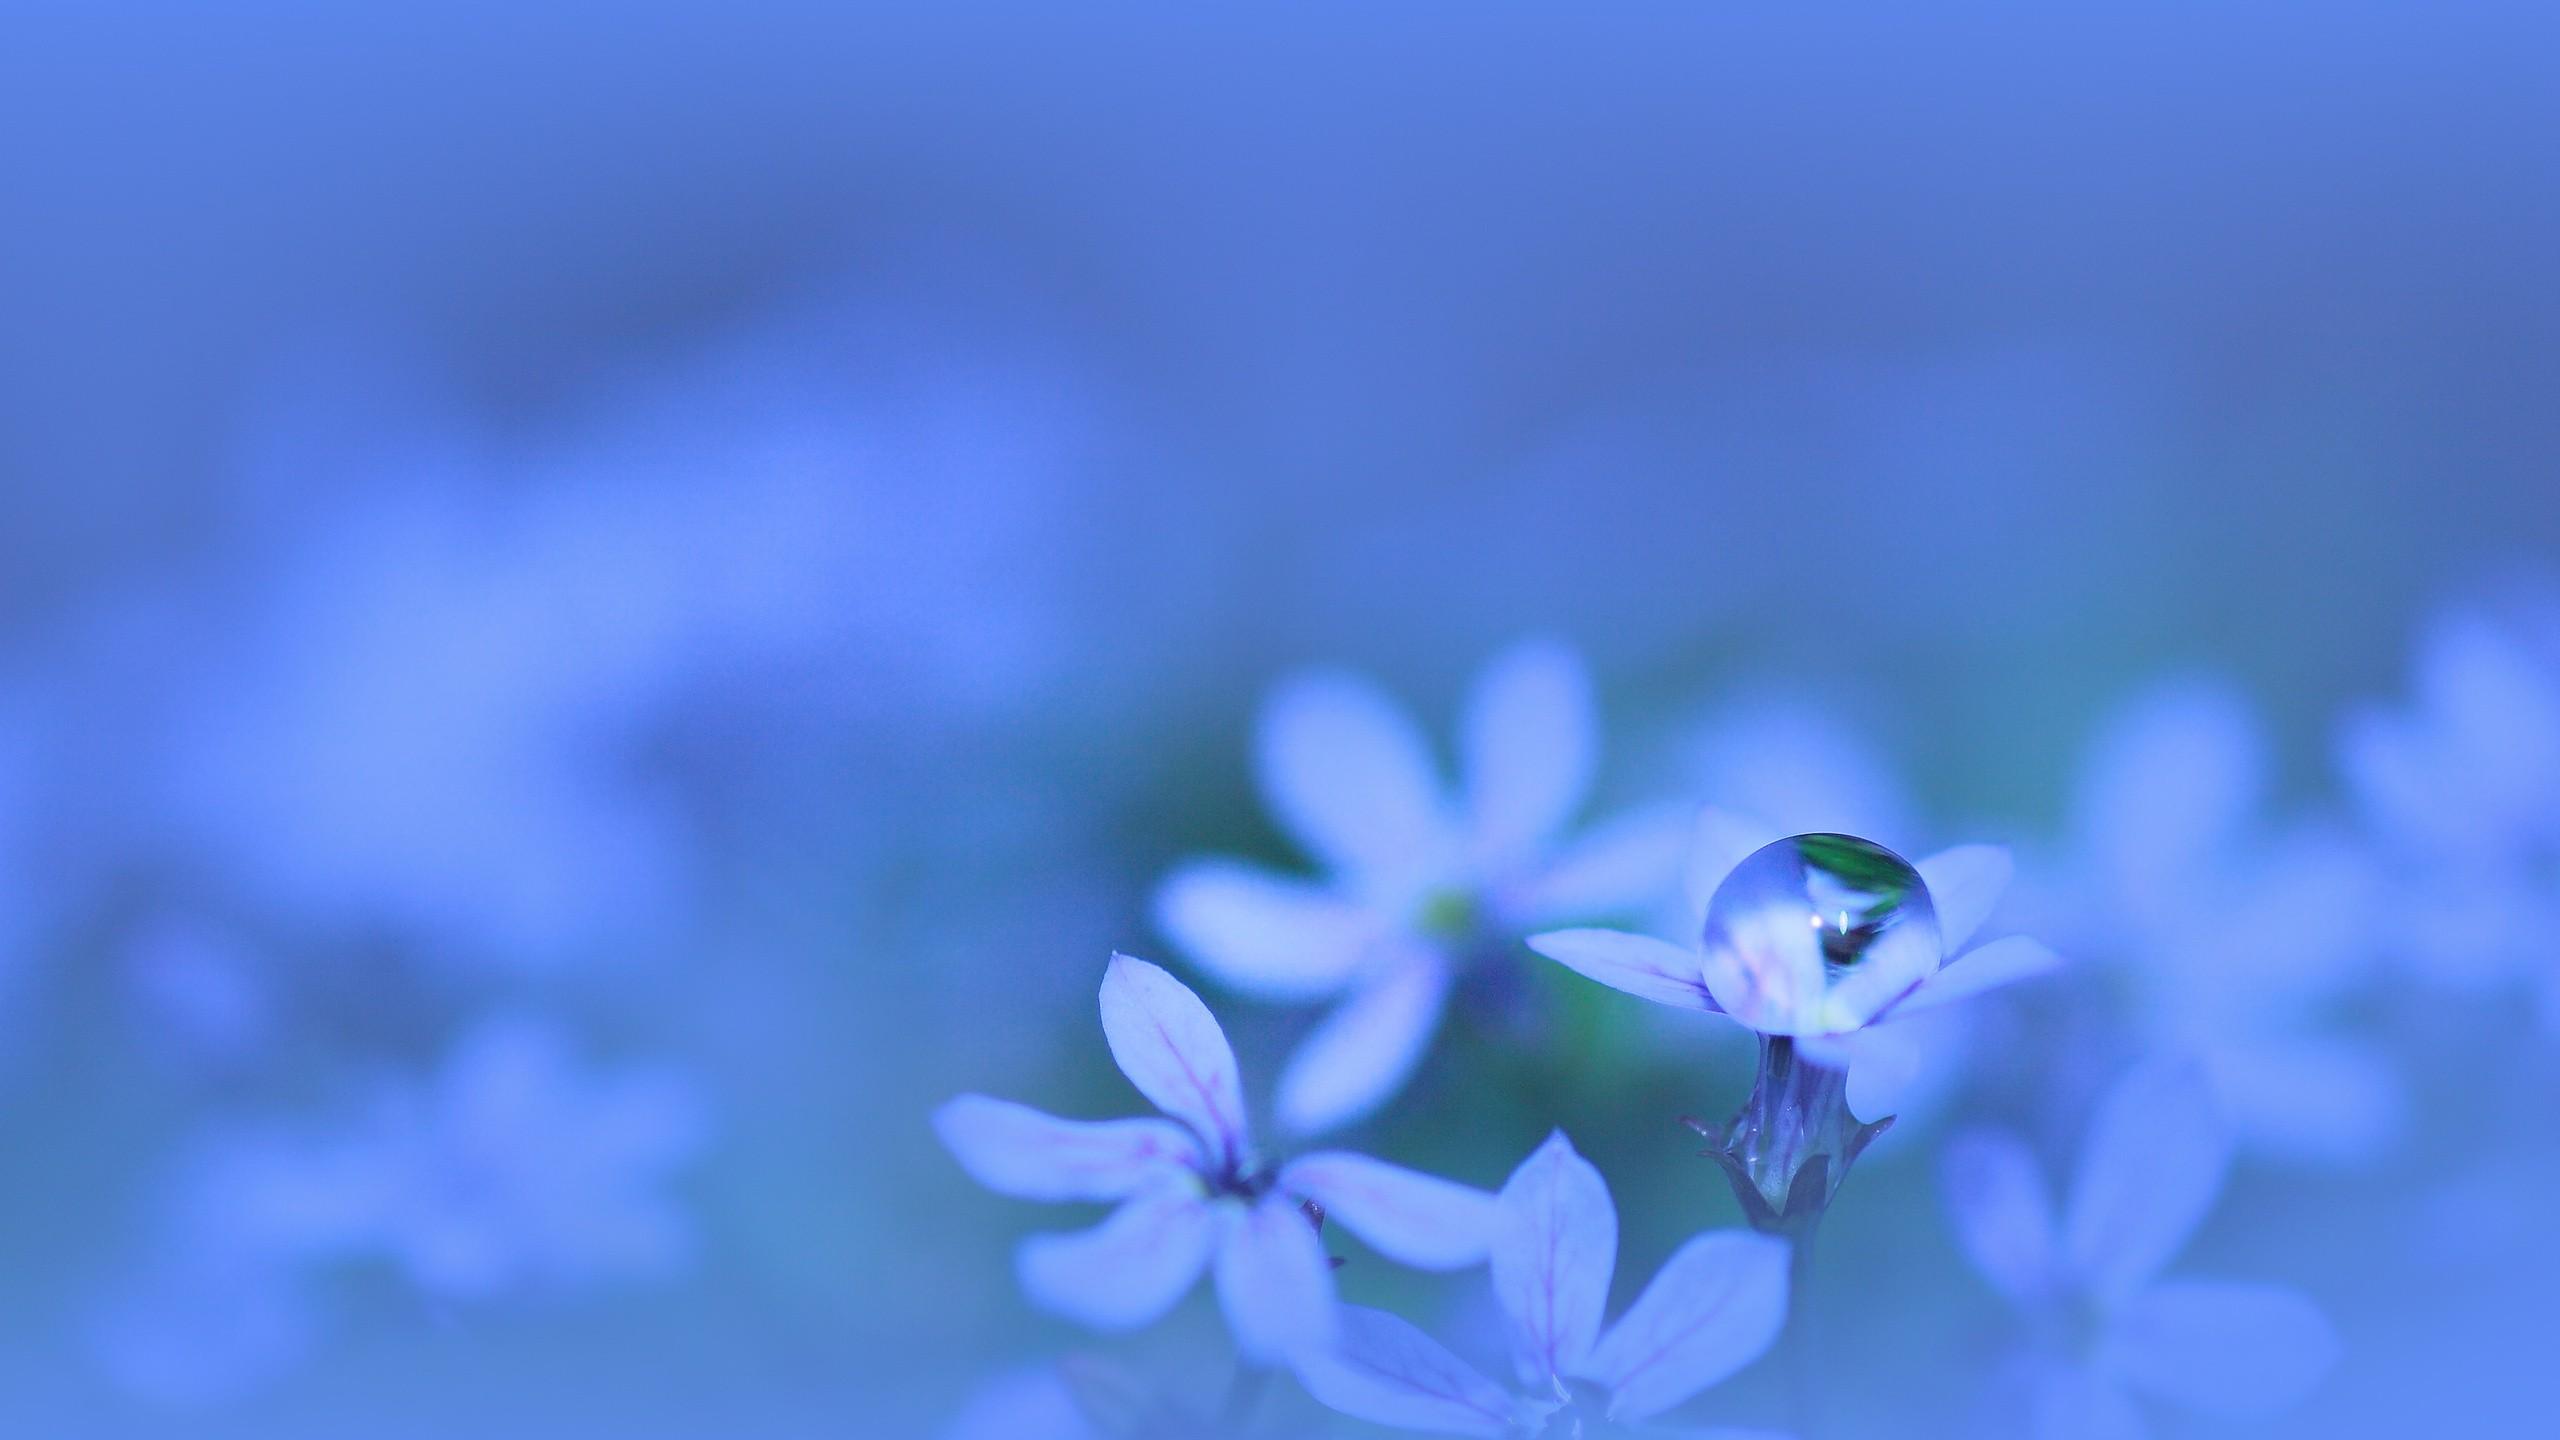 デスクトップ壁紙 日光 自然 空 写真 水滴 青 工場 フローラ